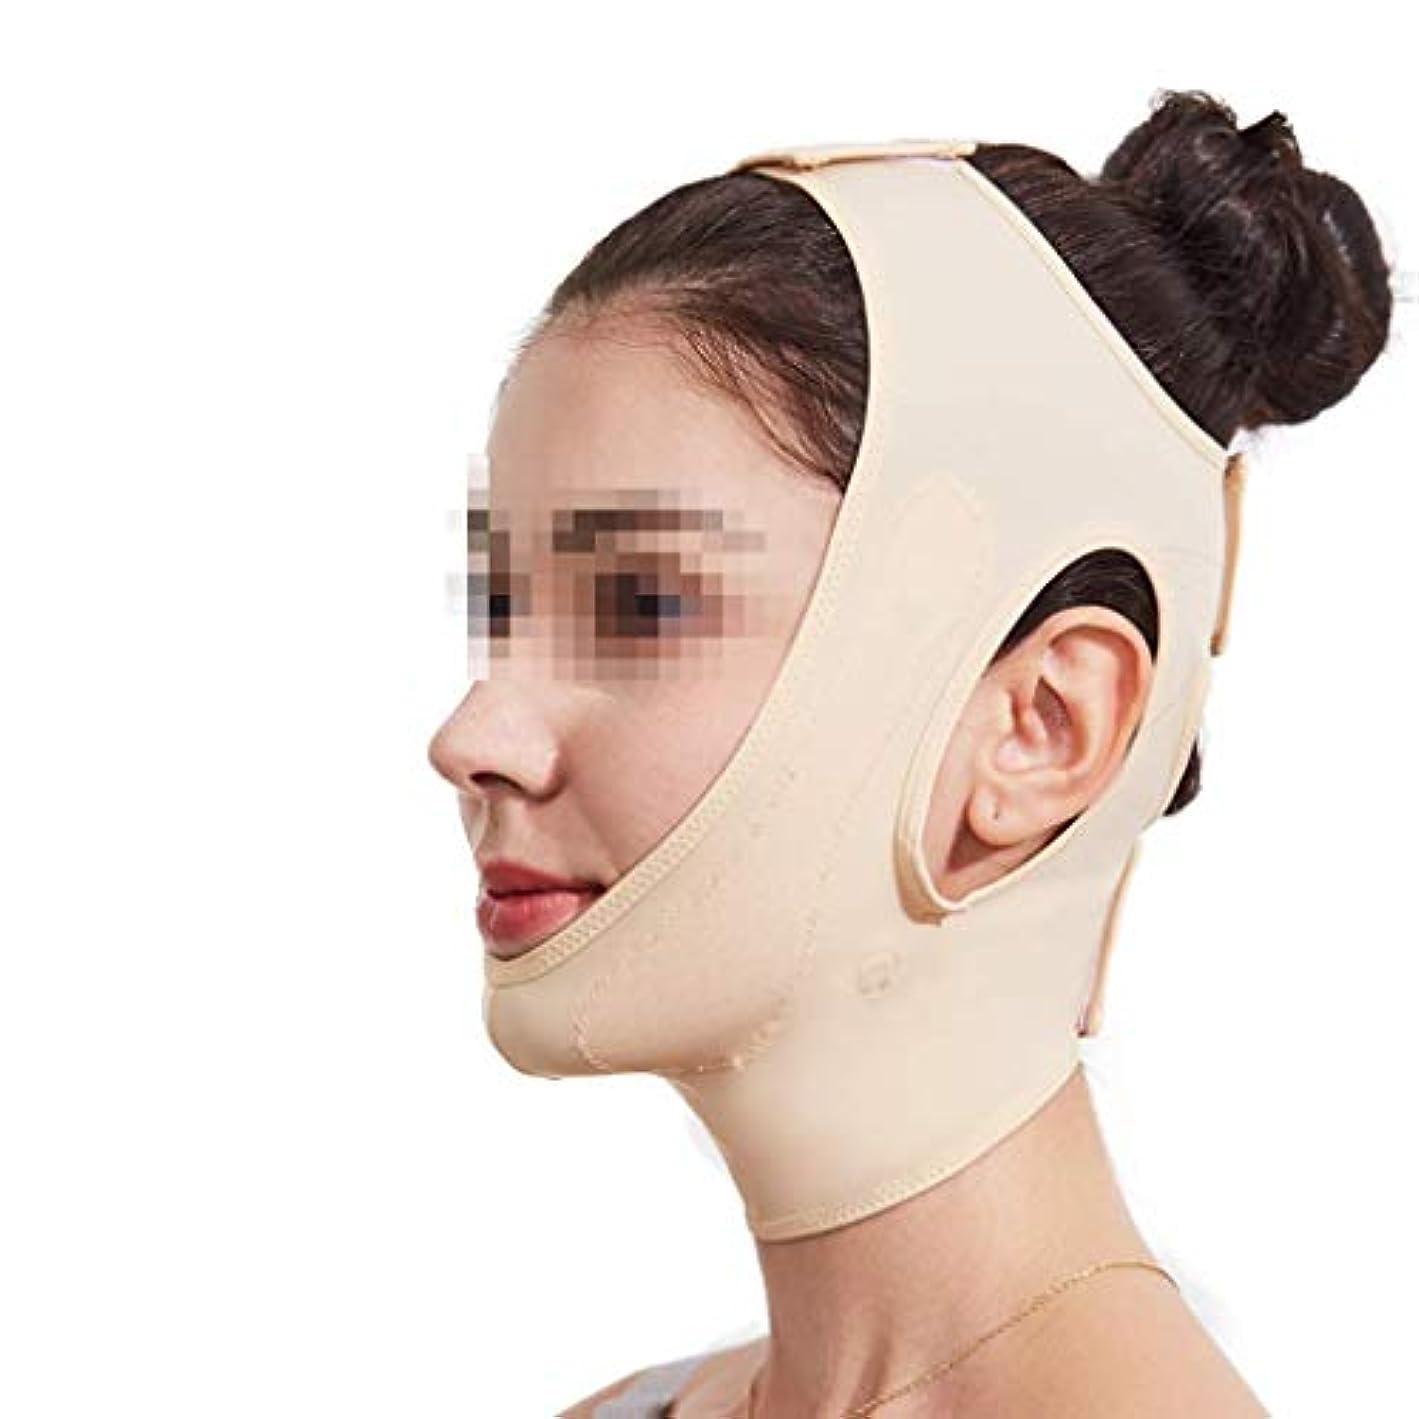 壊す契約するピービッシュフェイスリフティング包帯、フェイスマスクフェイスリフトチン快適なフェイスマルチカラーオプション(カラー:ブラック),肌の色合い